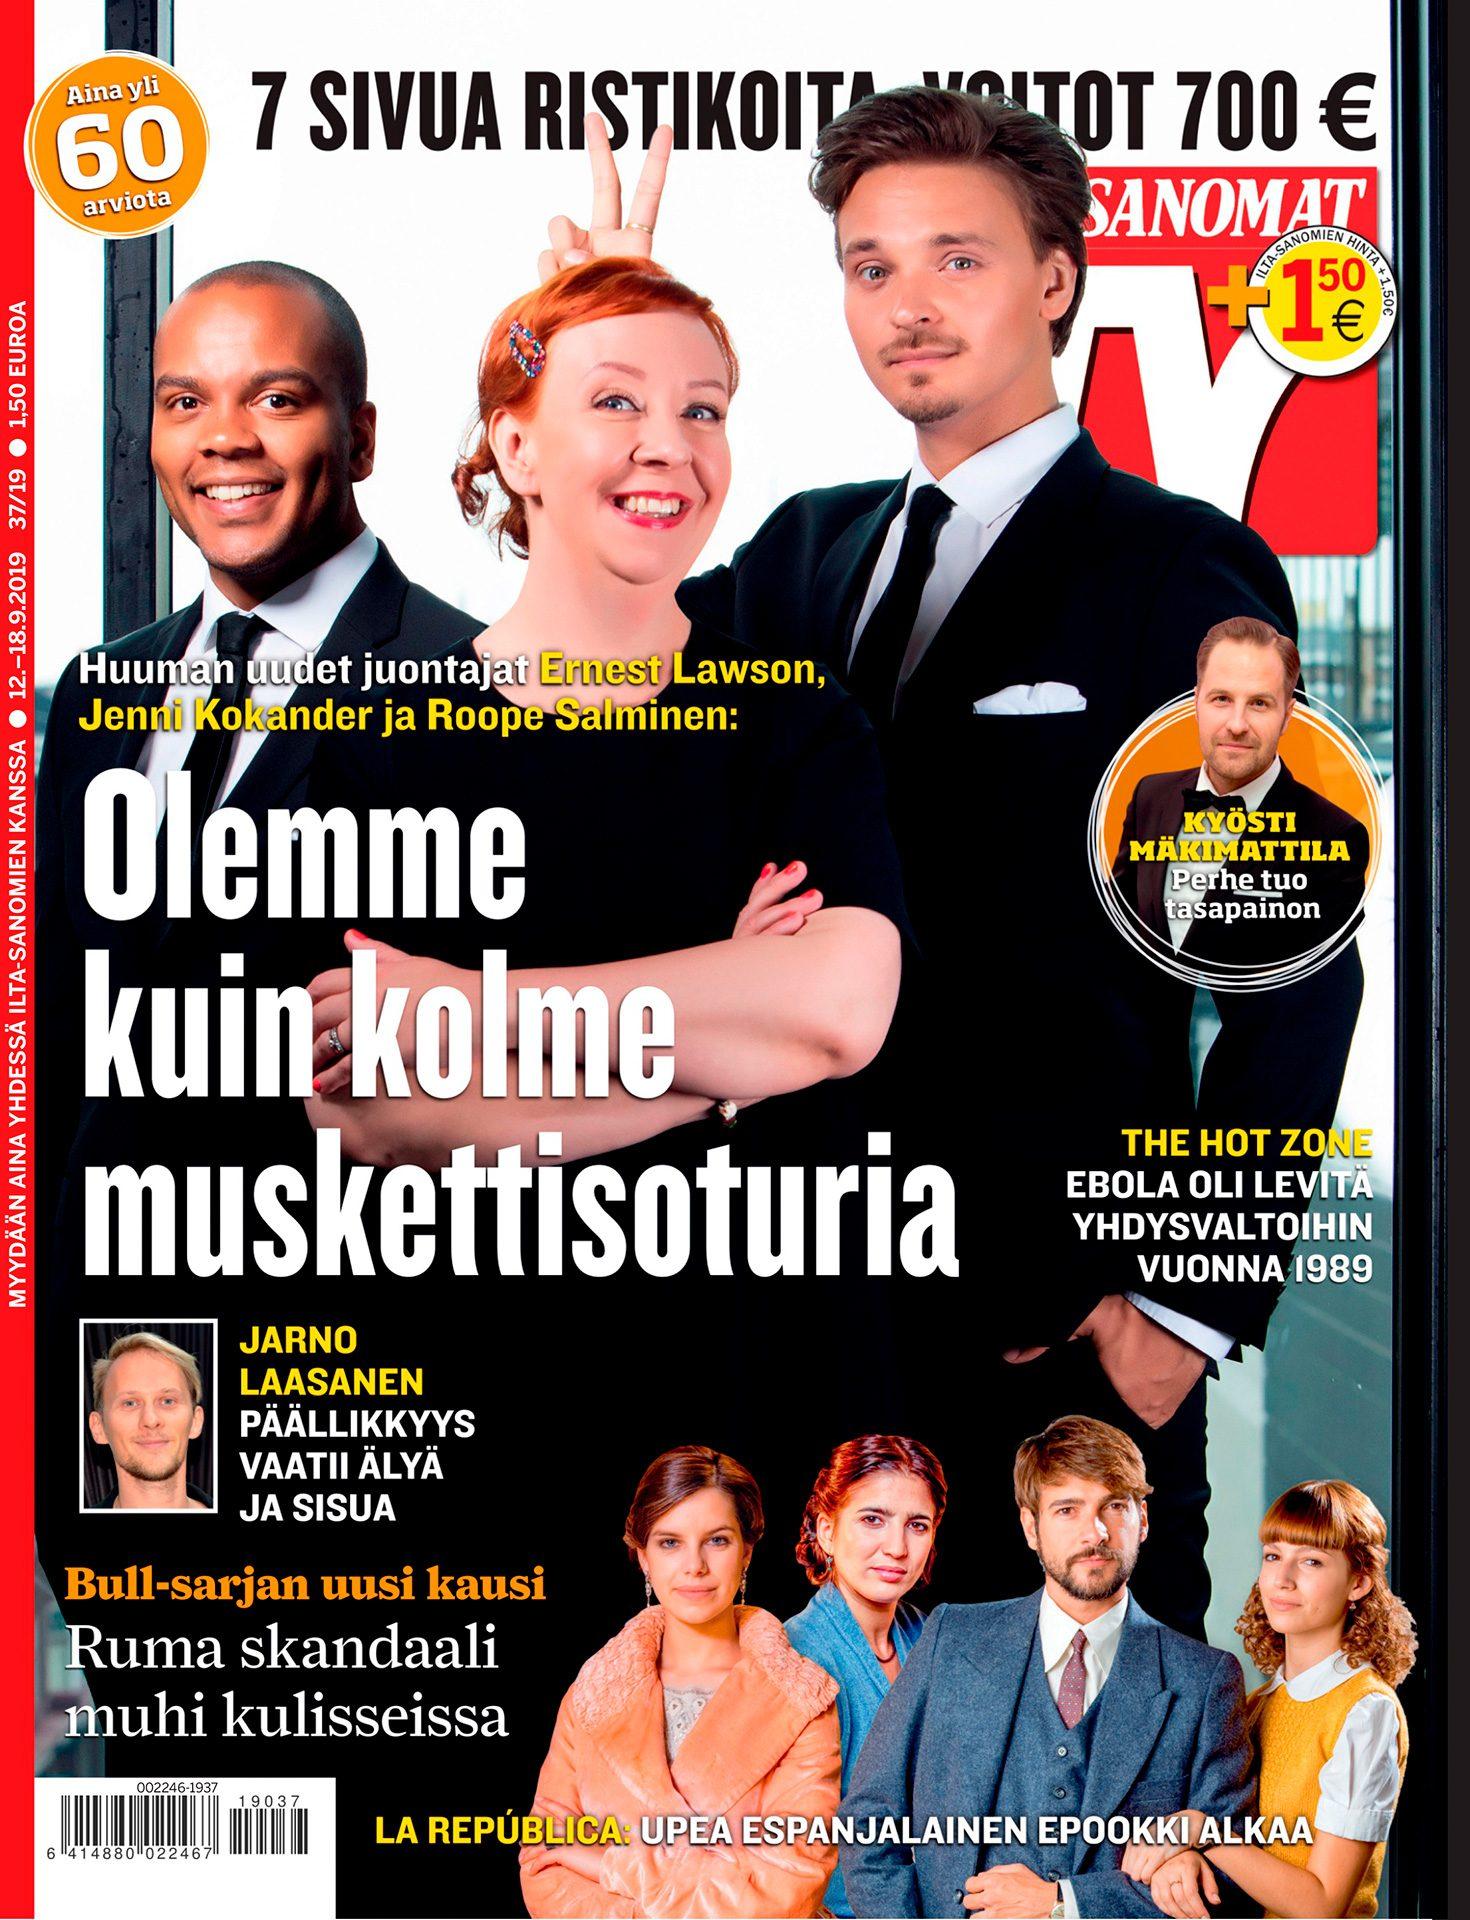 Roope Salminen, Jenni Kokander, Ernest Lawson, näyttelijät, koomikot, MTV3, televisio-ohjelma